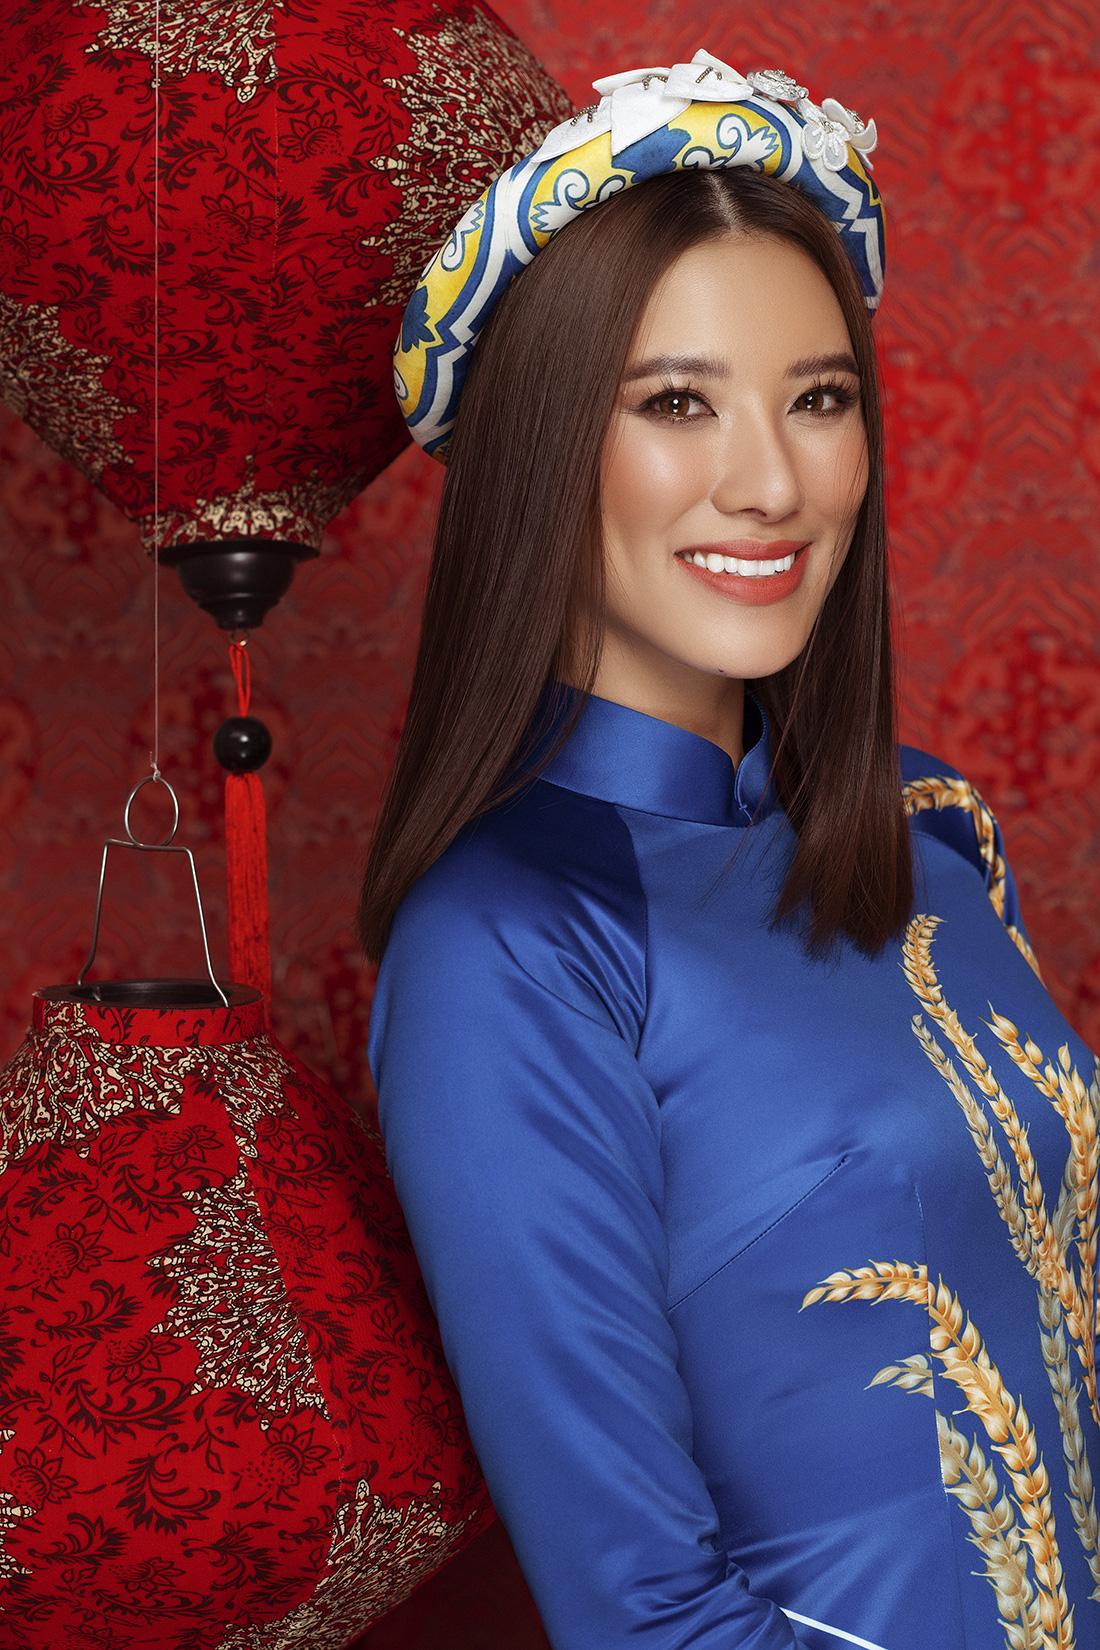 Á hậu Hoàng My, Thúy Vân làm thơ, sáng tác nhạc vì Covid-19 - Ảnh 7.